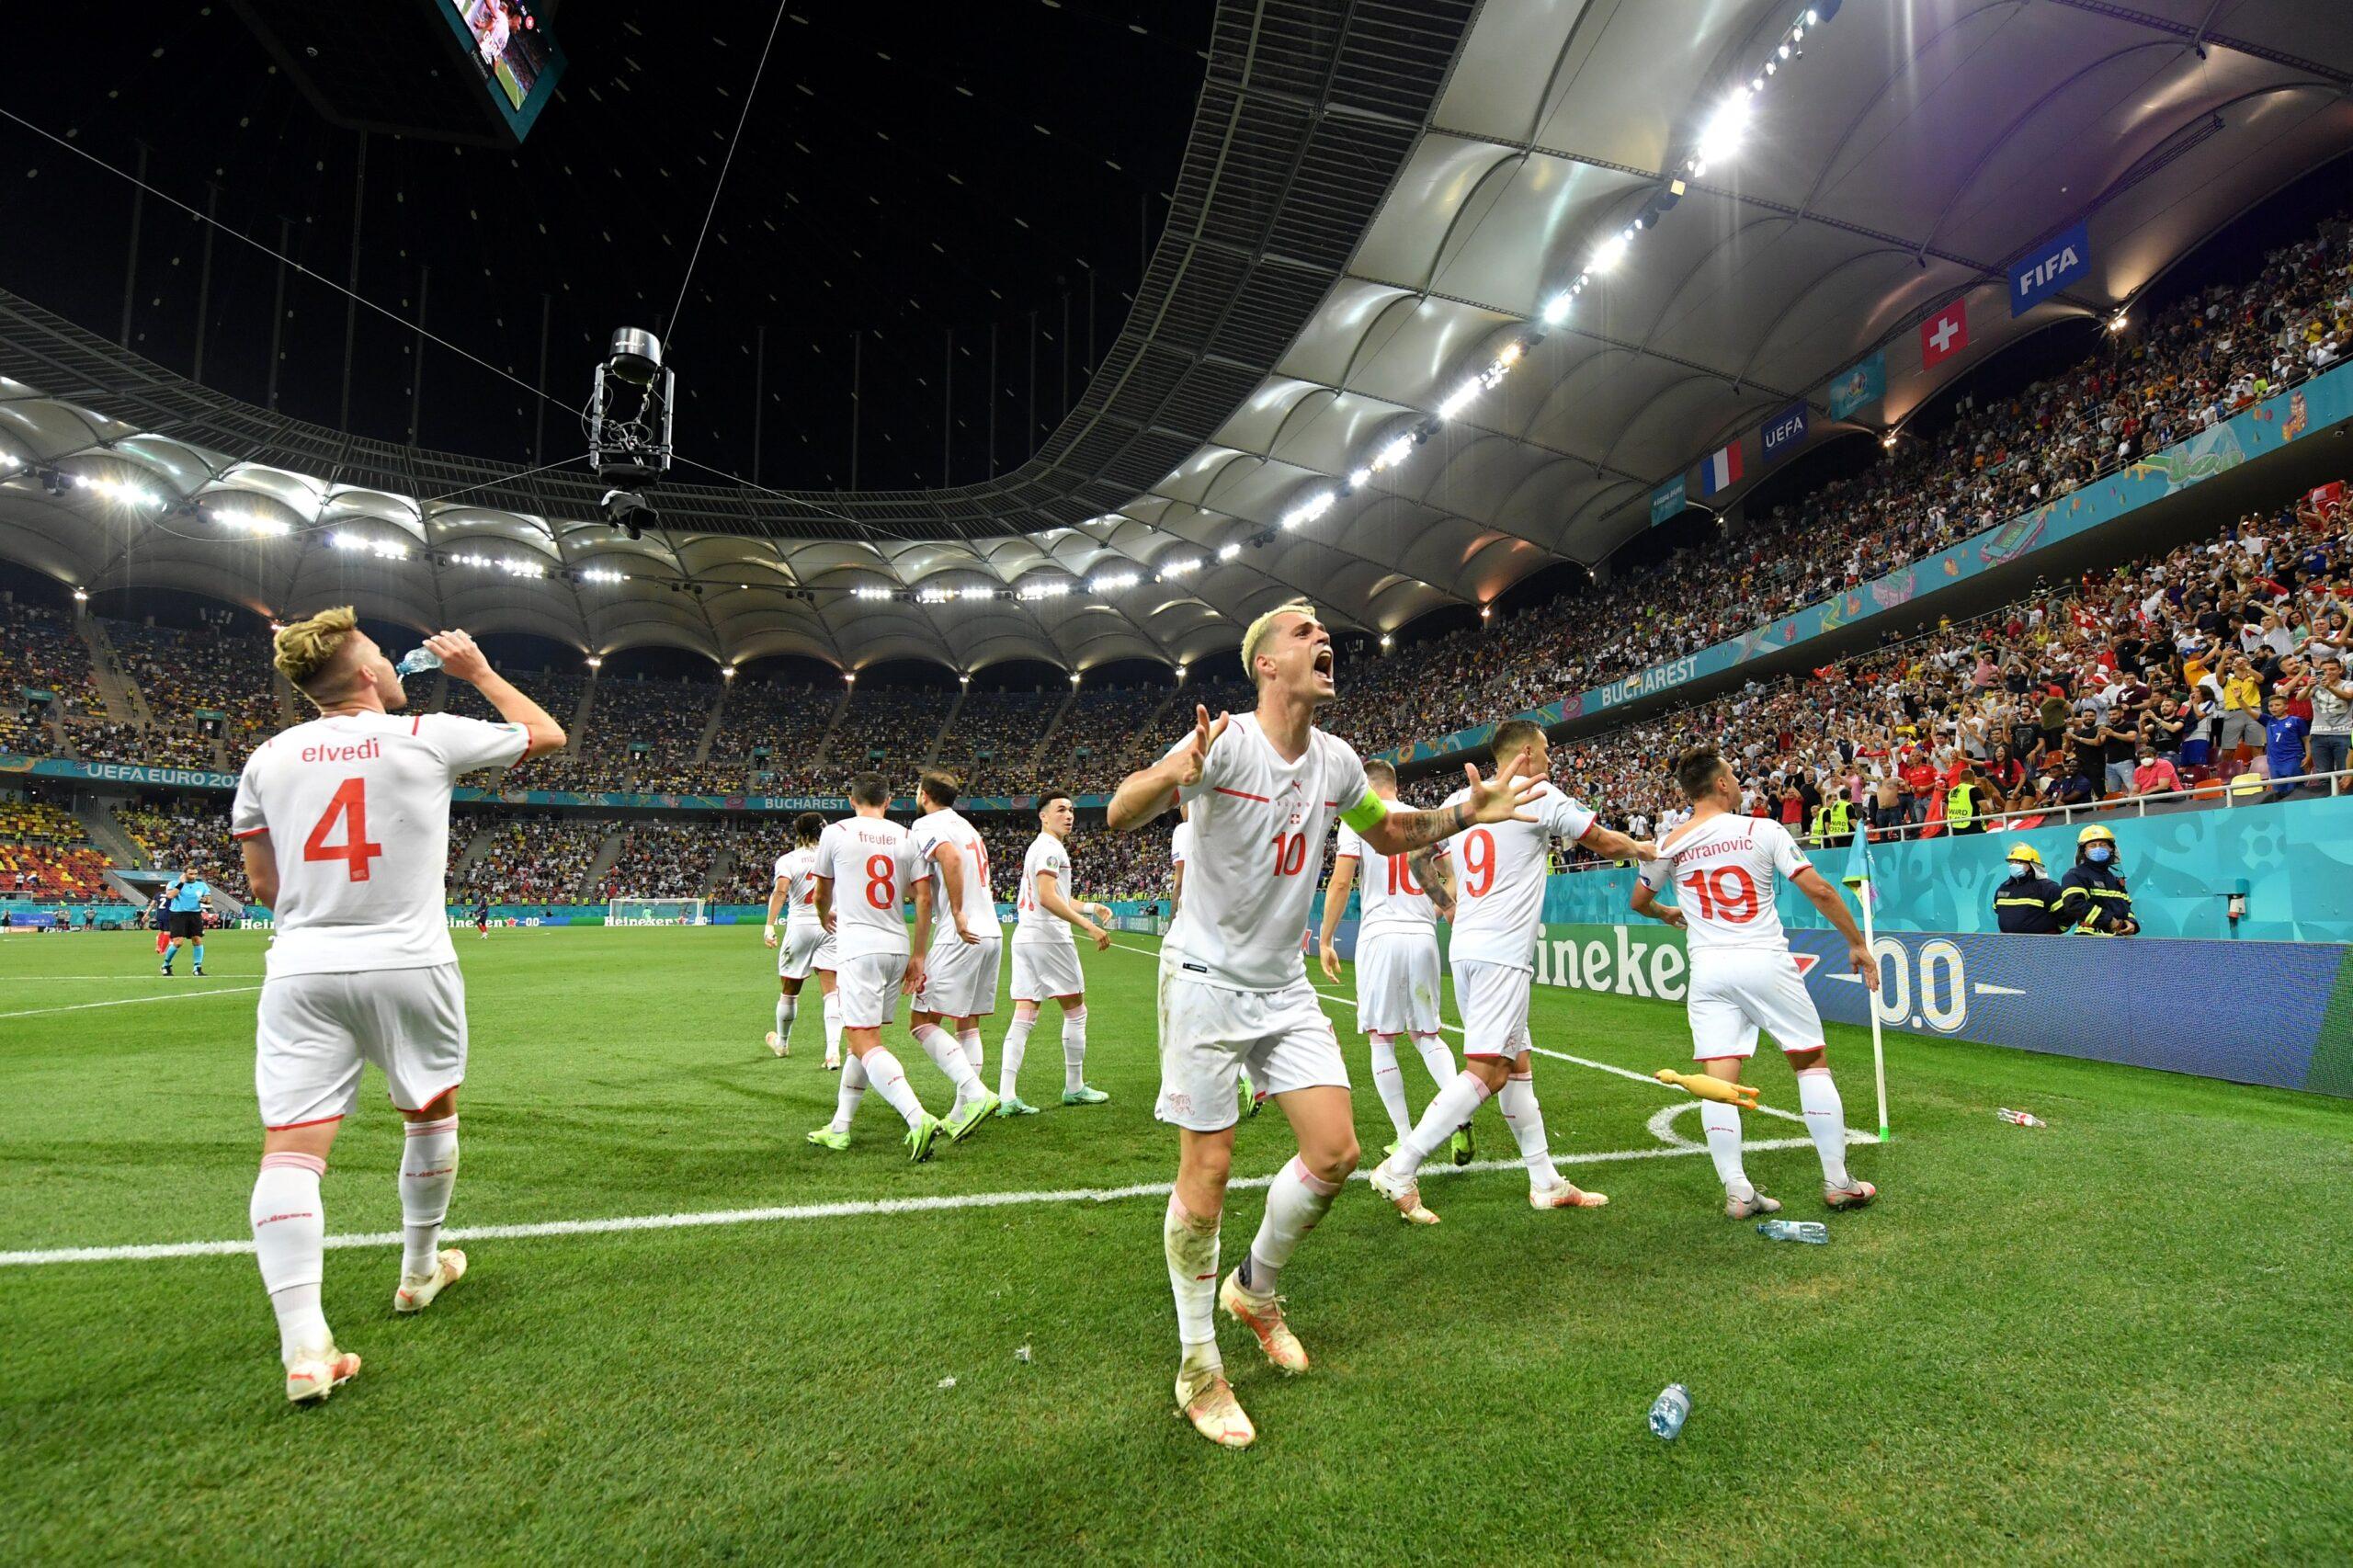 Suíça vence a França nos pênaltis e se classifica na Eurocopa